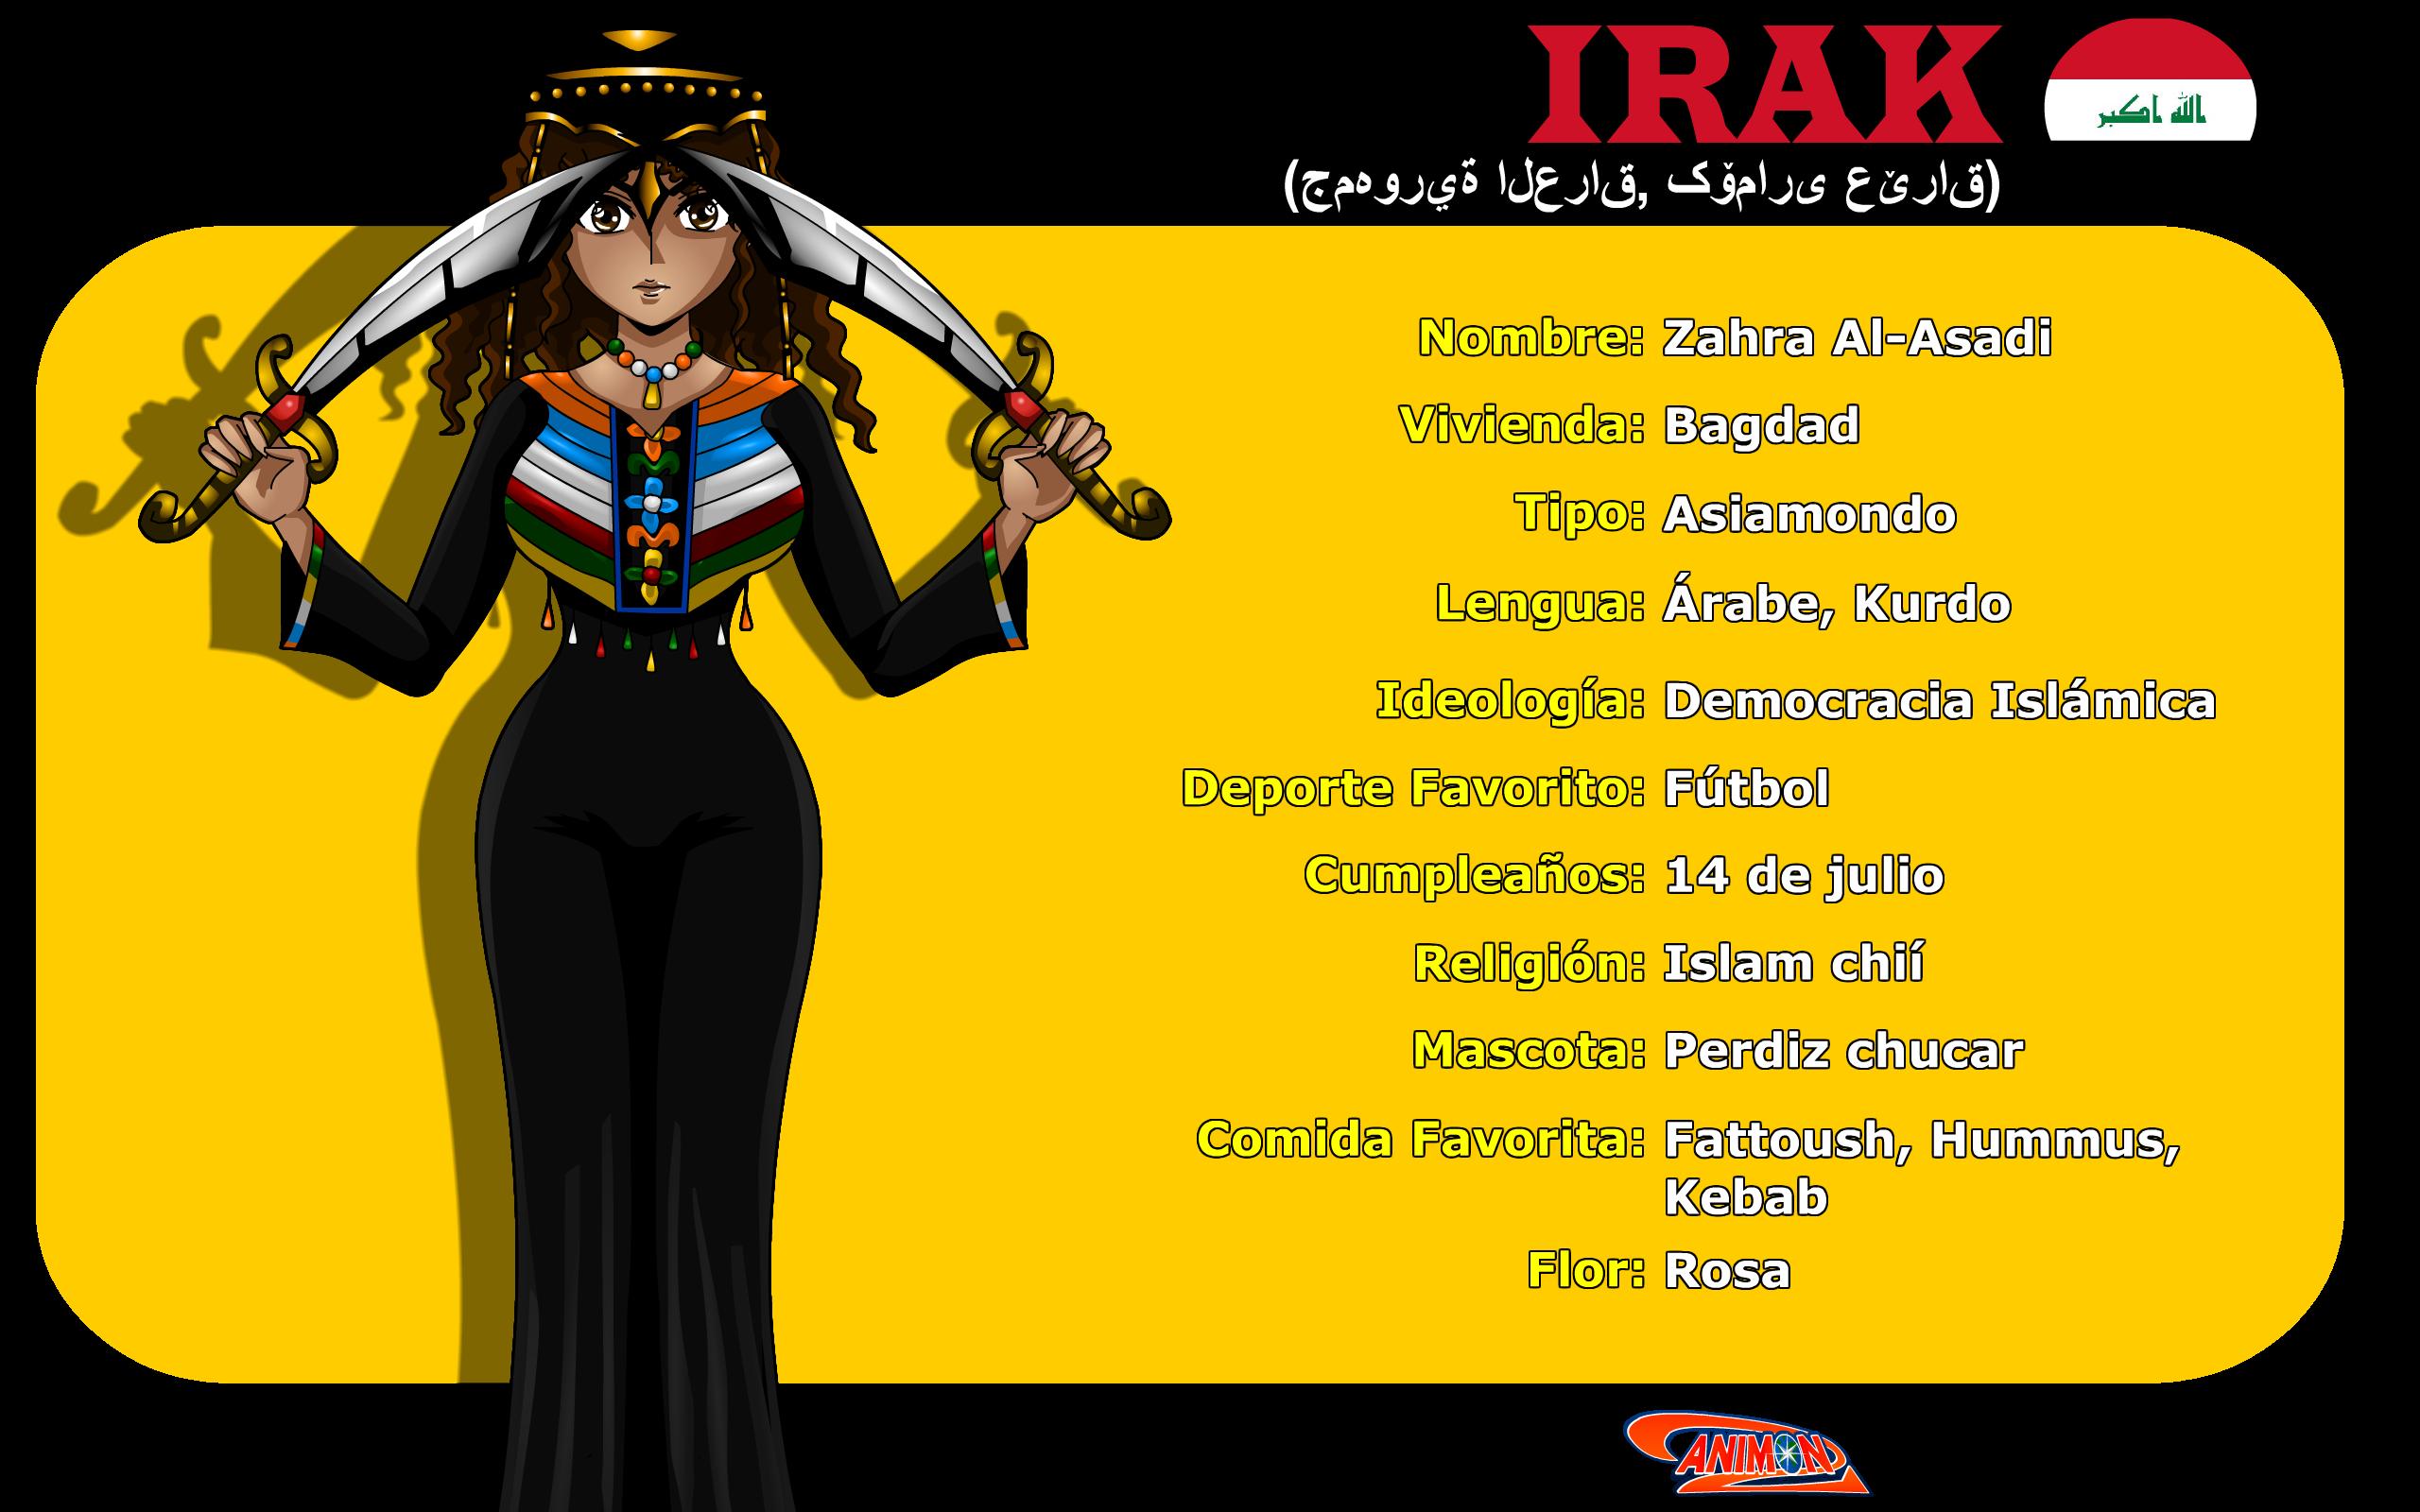 Perfil de Irak de Animondos by Dougieus